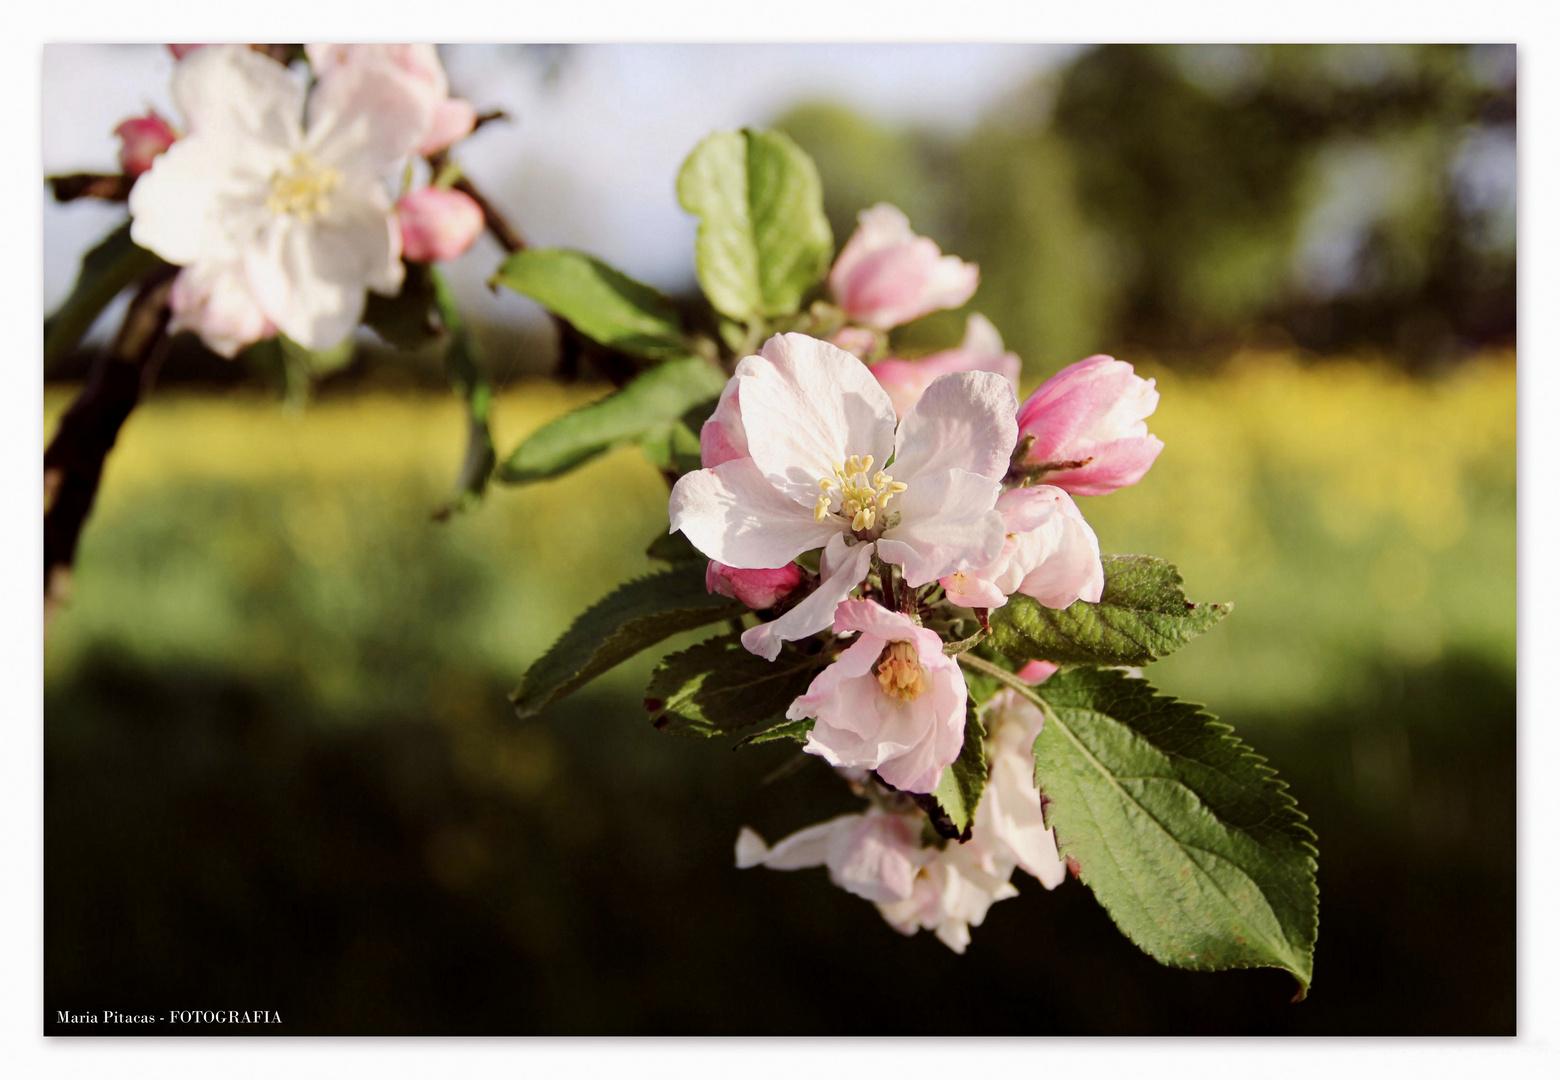 ~ Apfelblüte ~